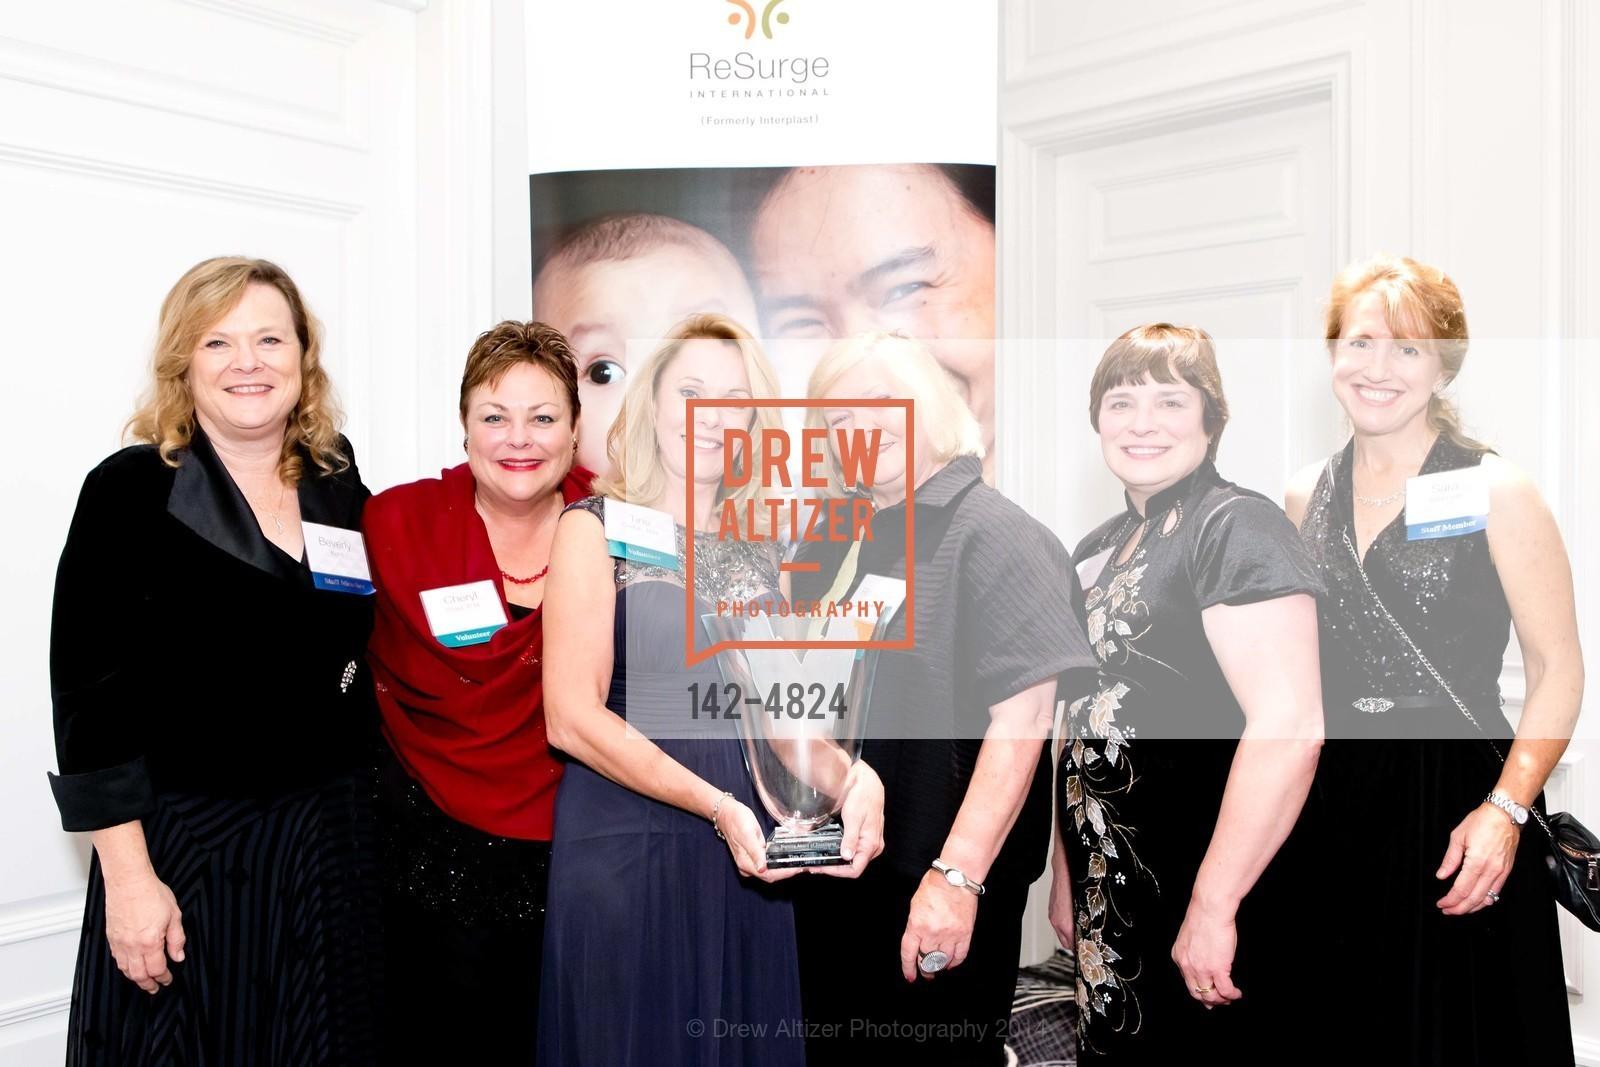 Beverly Kent, Cheryl Wraa, Tina Cerruti, Rosemary Welde, Dawn Yost, Sara Anderson, Photo #142-4824